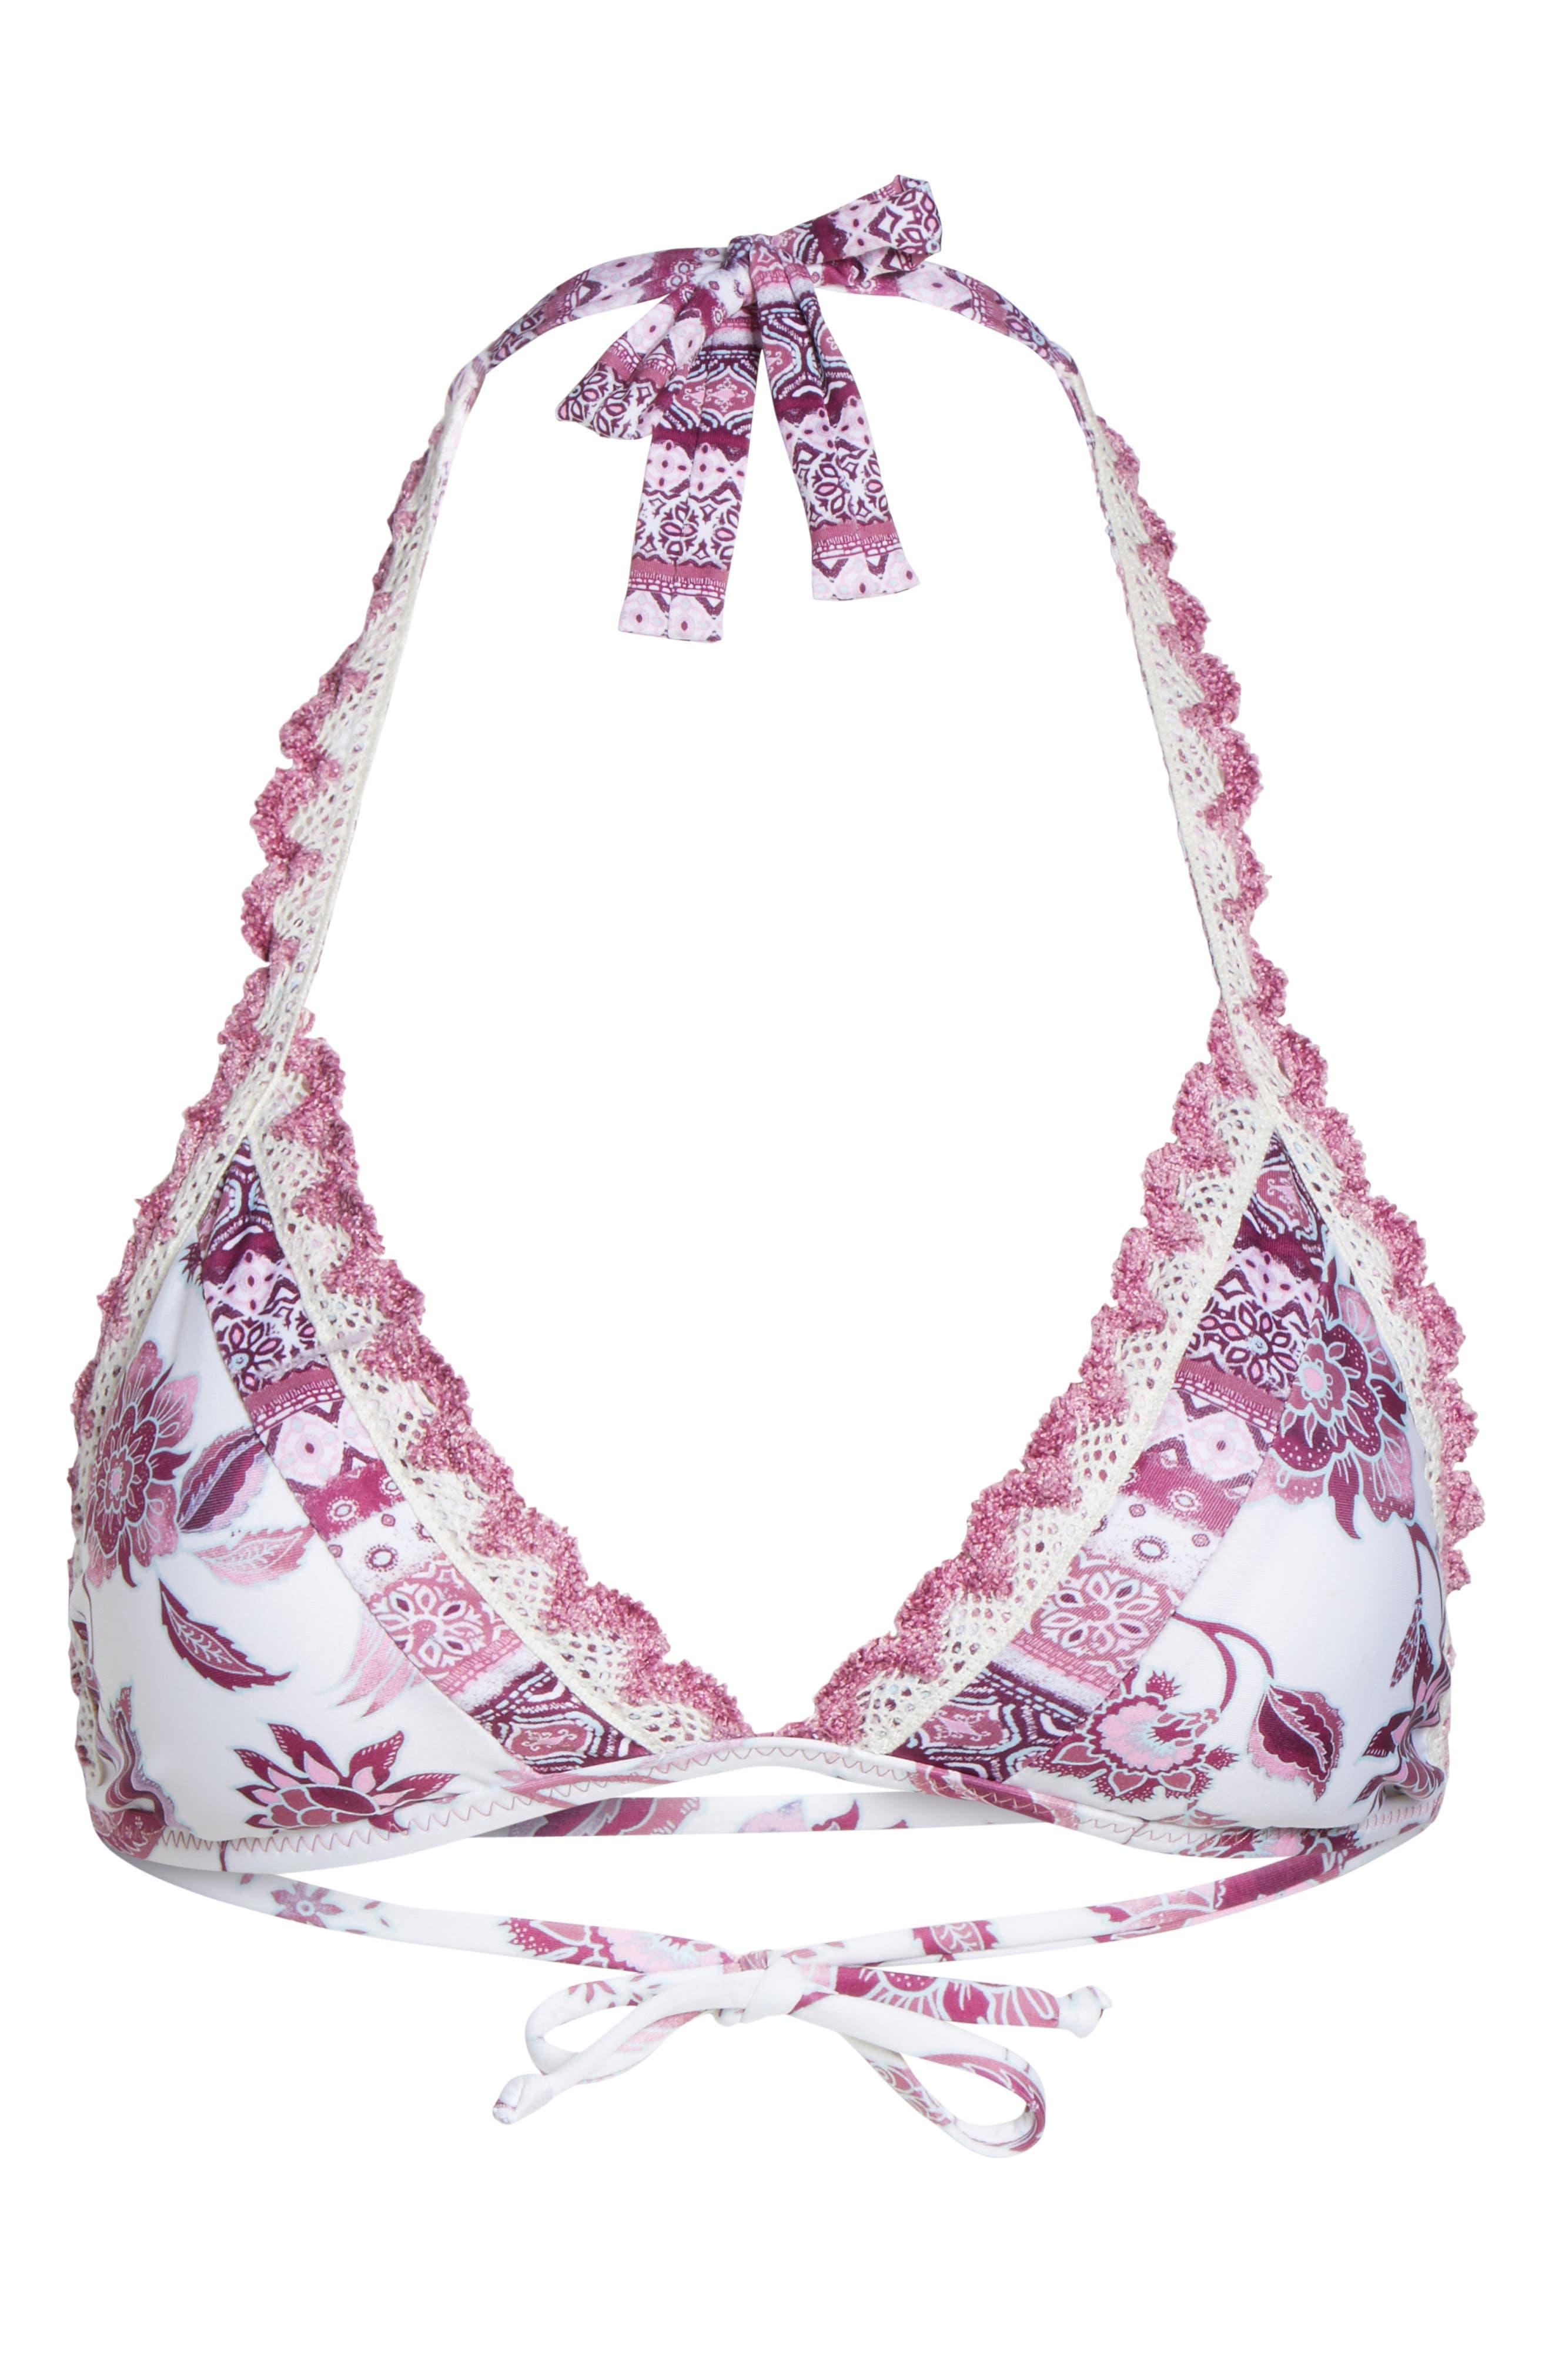 Tahiti Halter Bikini Top,                             Alternate thumbnail 9, color,                             White/ Pink Multi